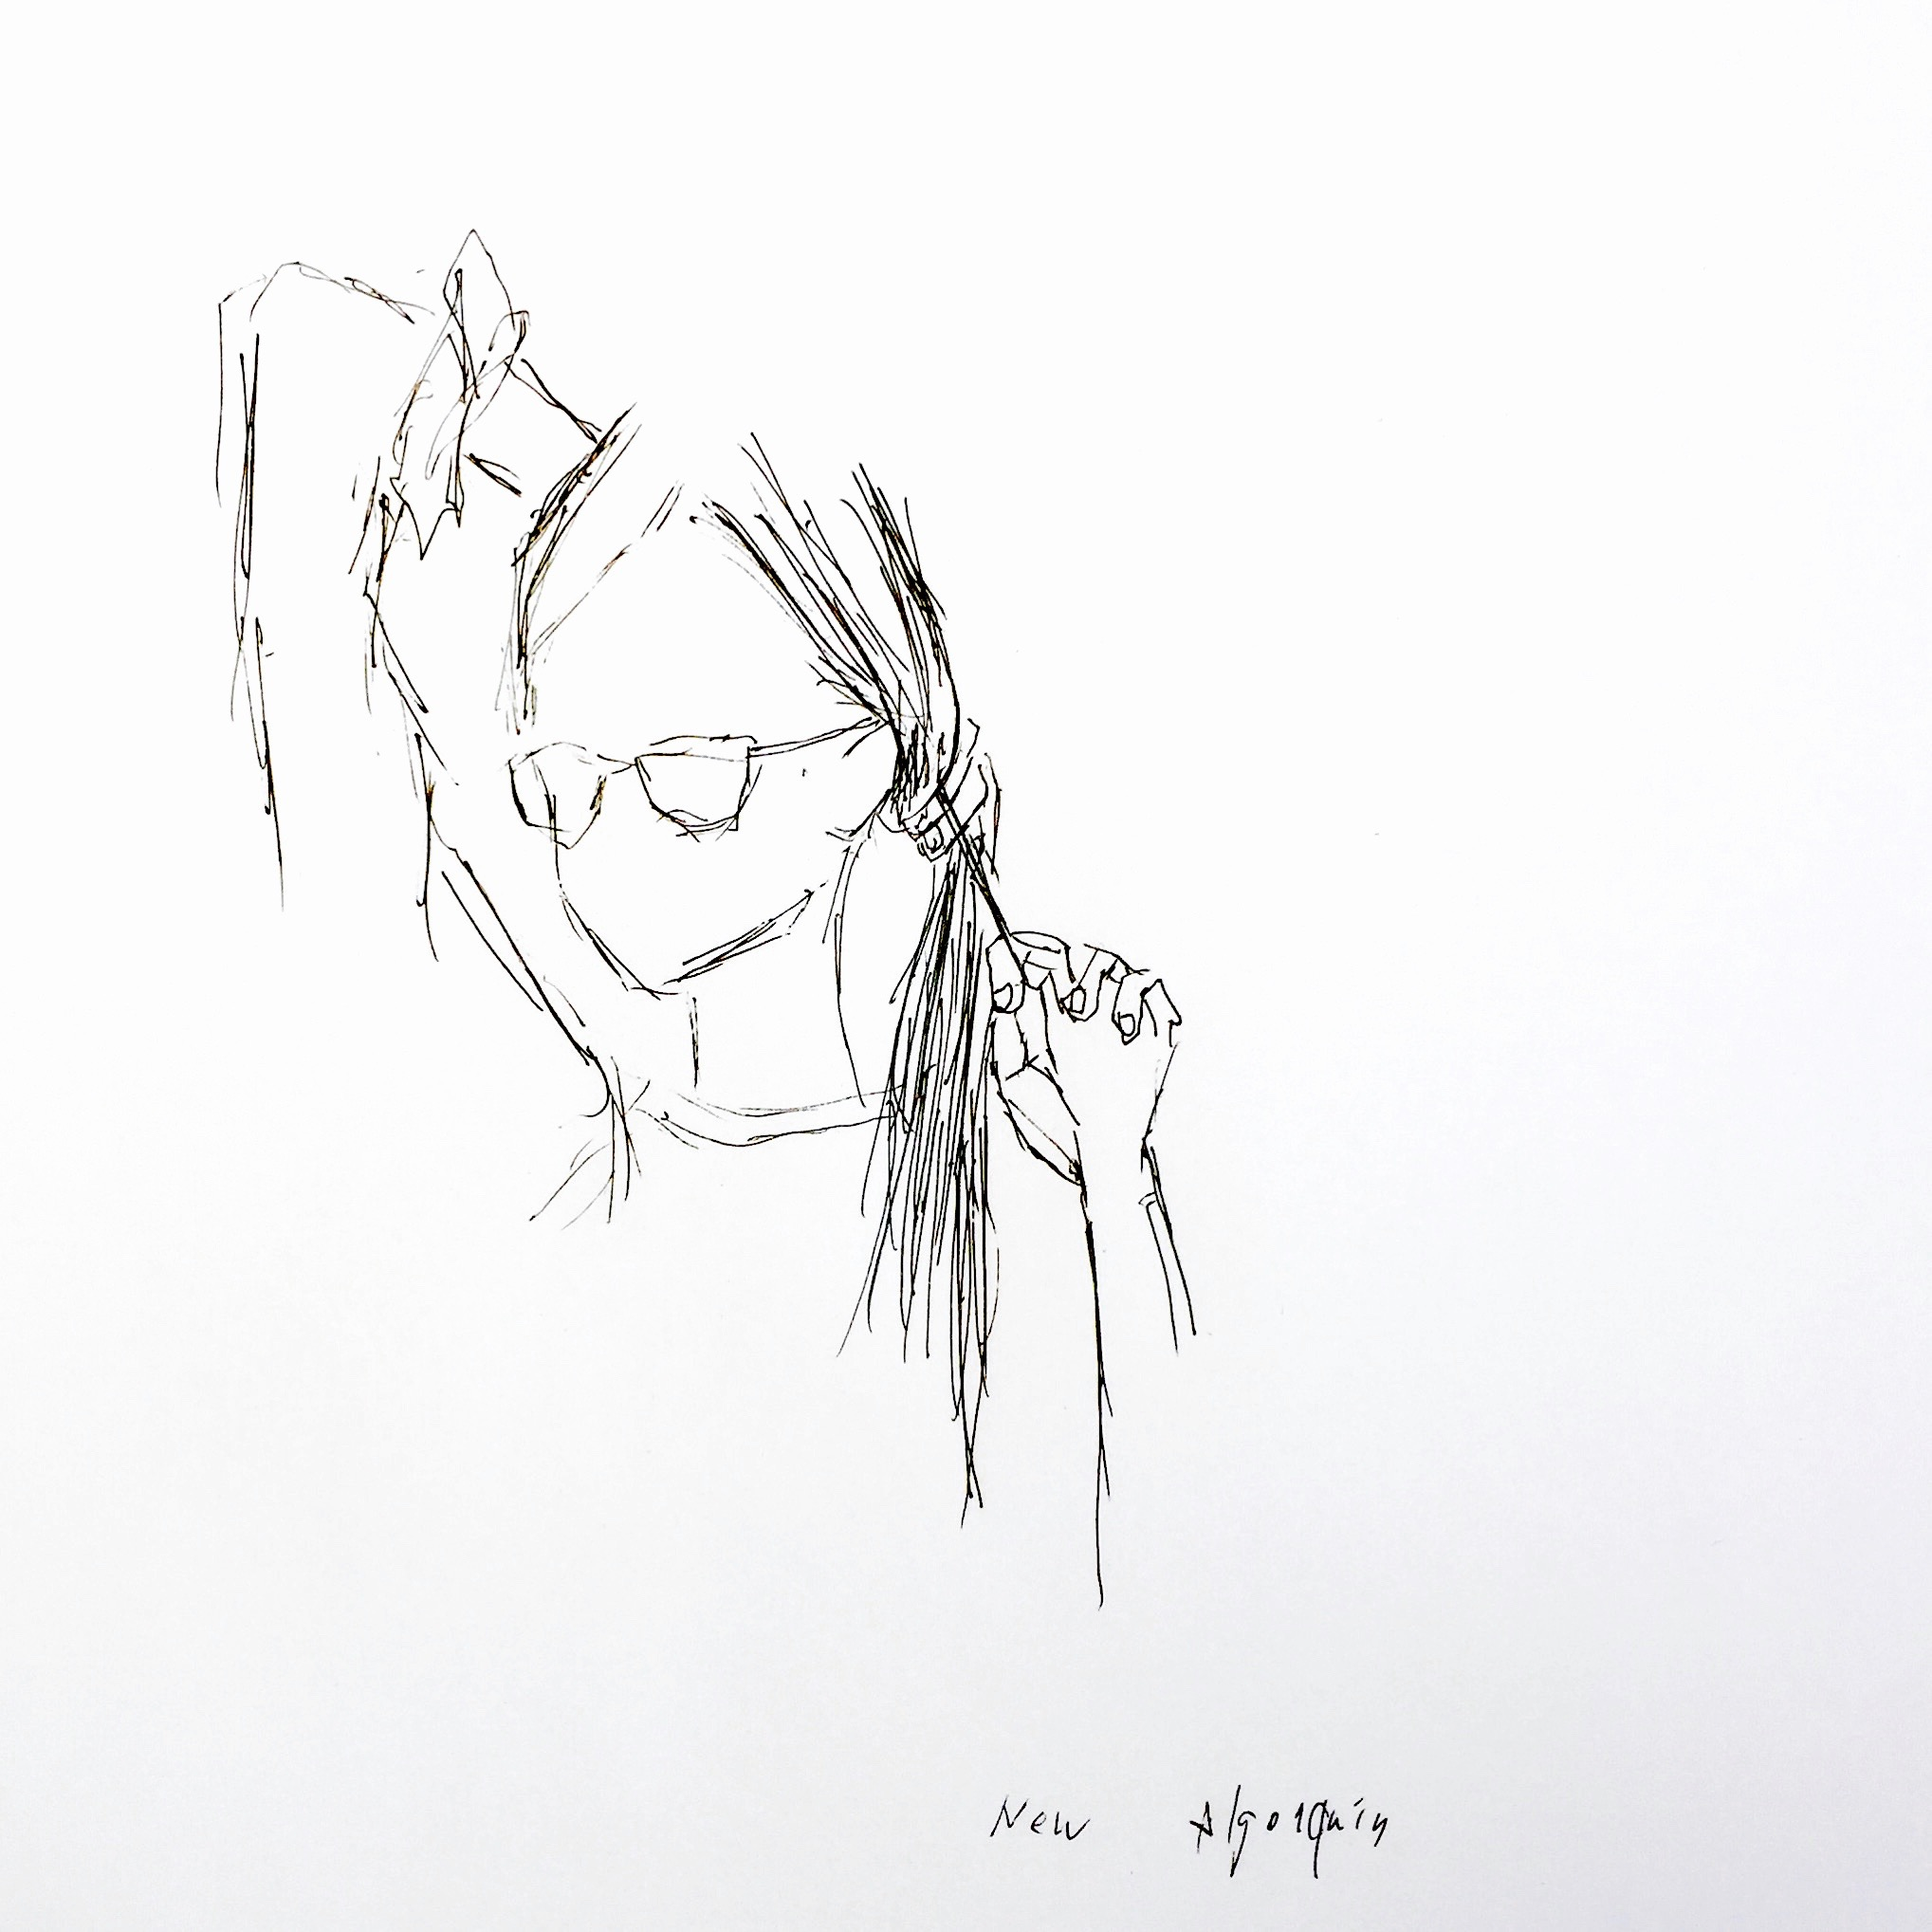 ART20